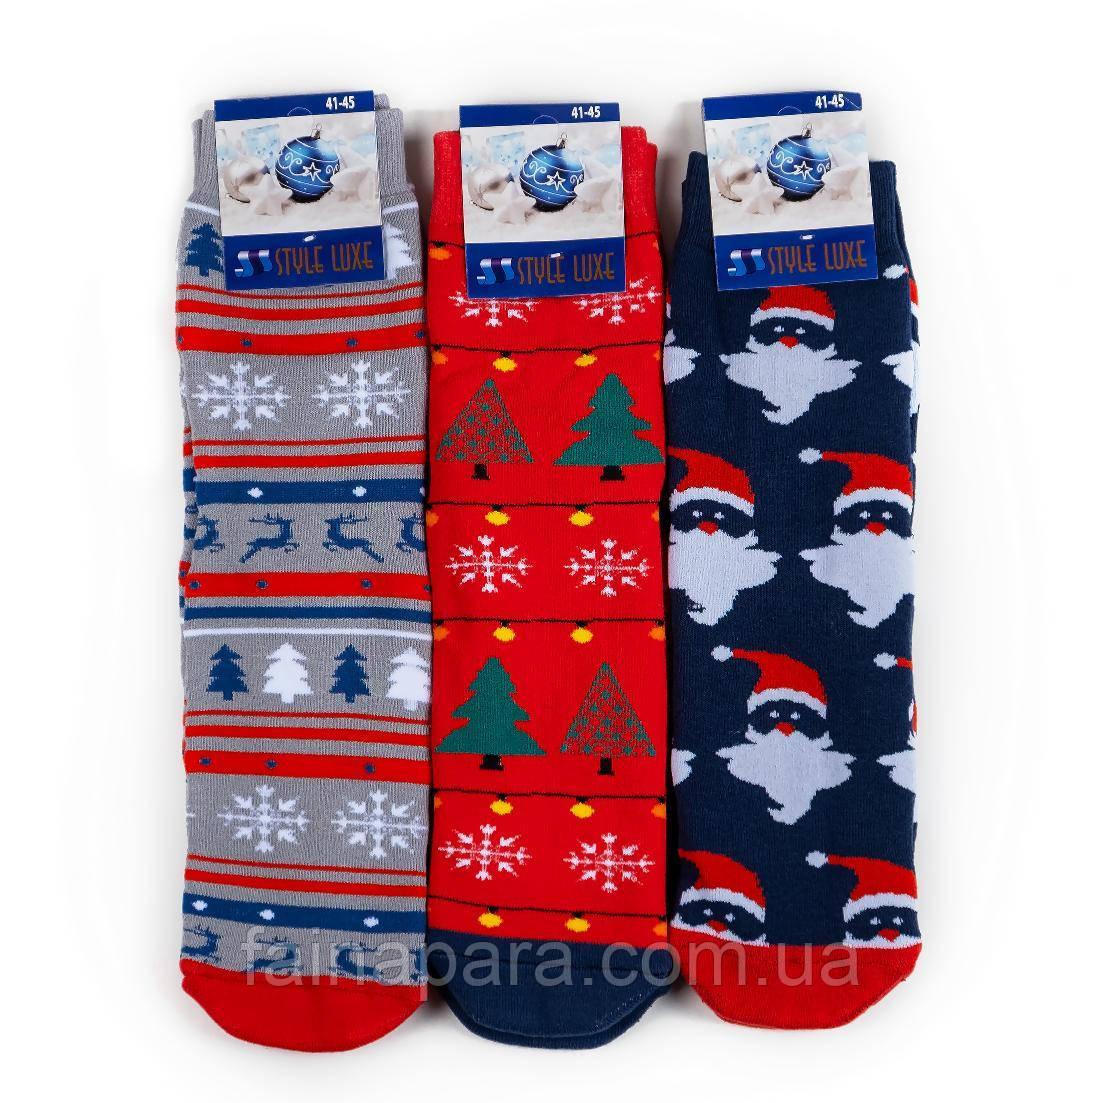 Чоловічі махрові новорічні шкарпетки на подарунок